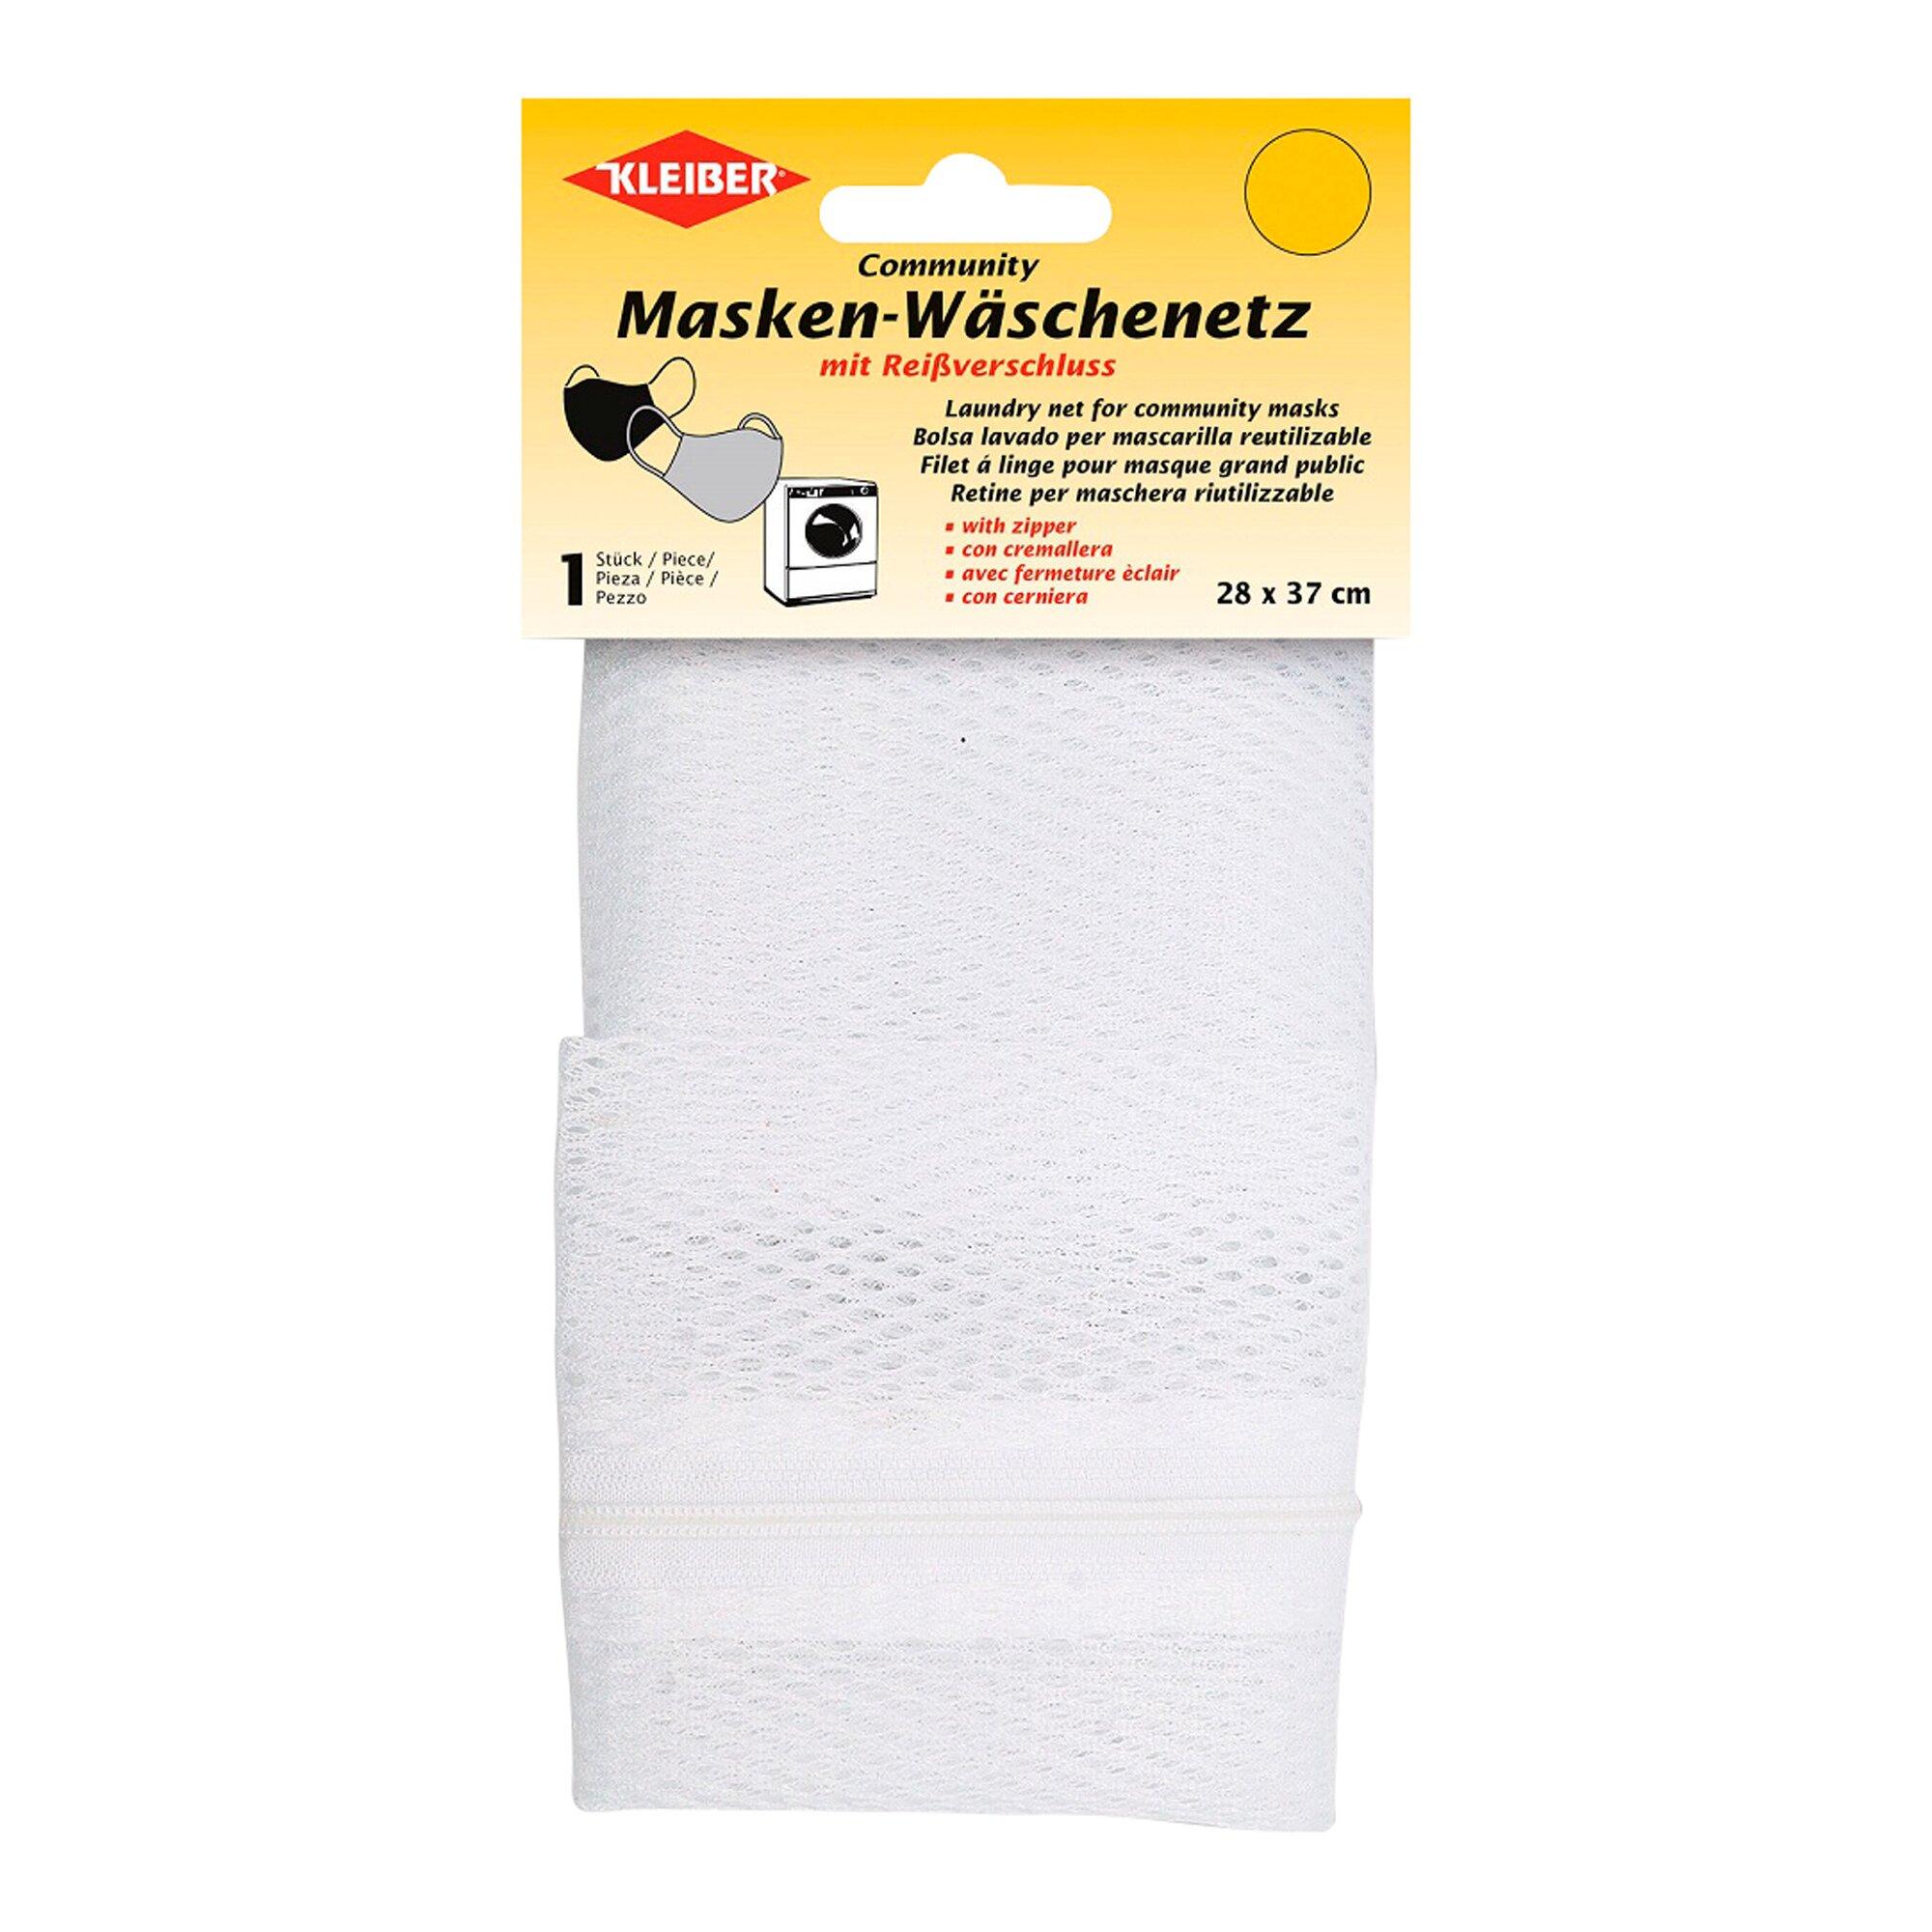 Image of Masken-Wäschenetz mit Reißverschluss